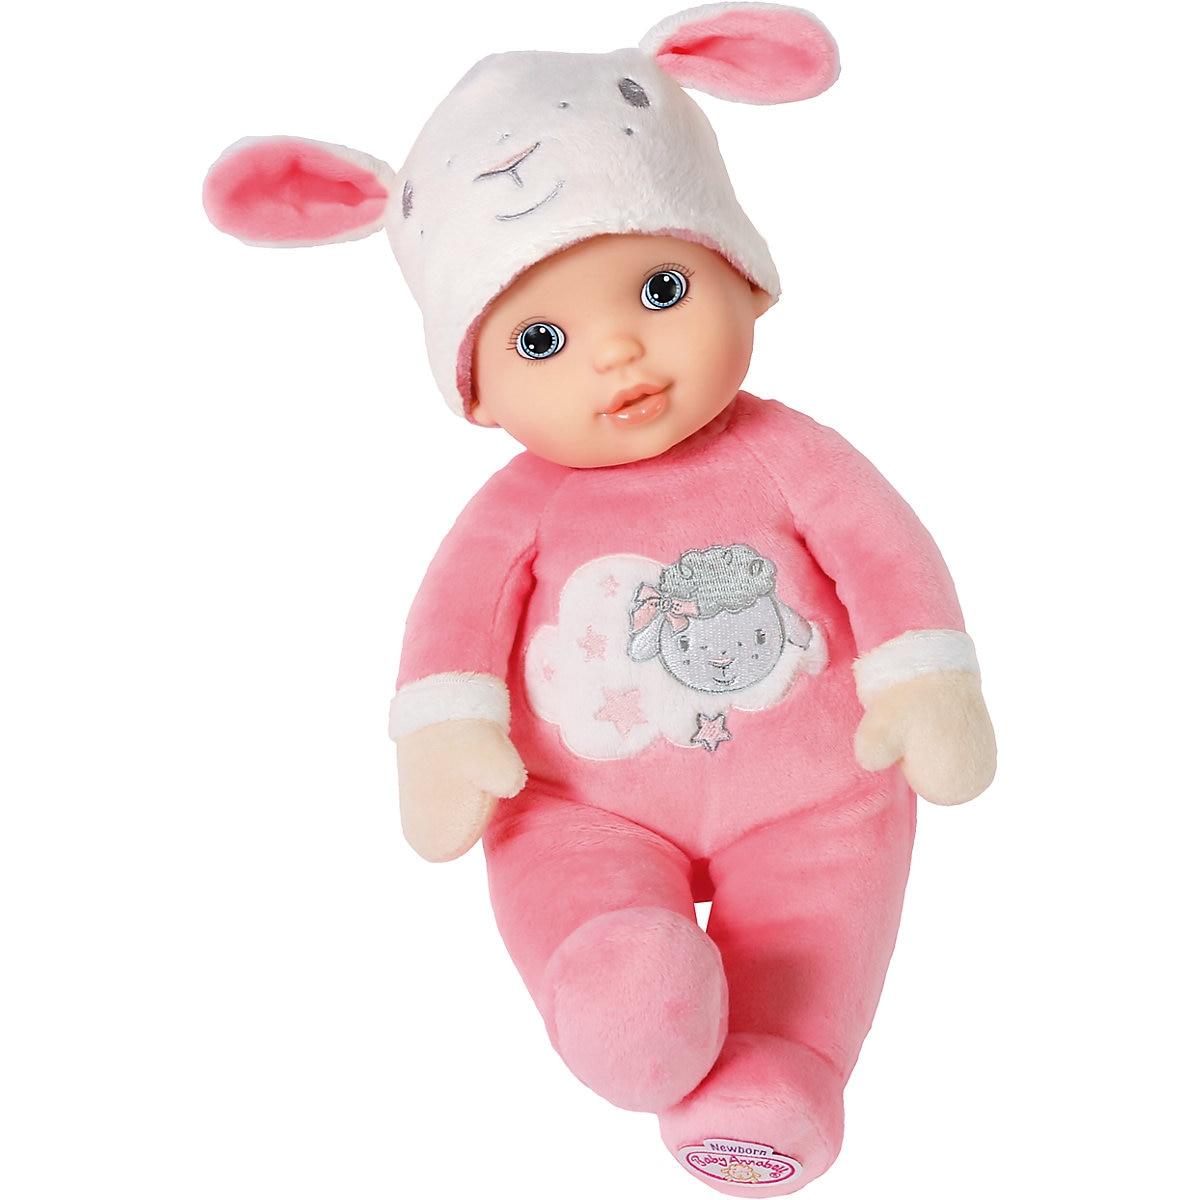 Baby Annabell for babies Кукла мягкая с твердой головой, 30 см